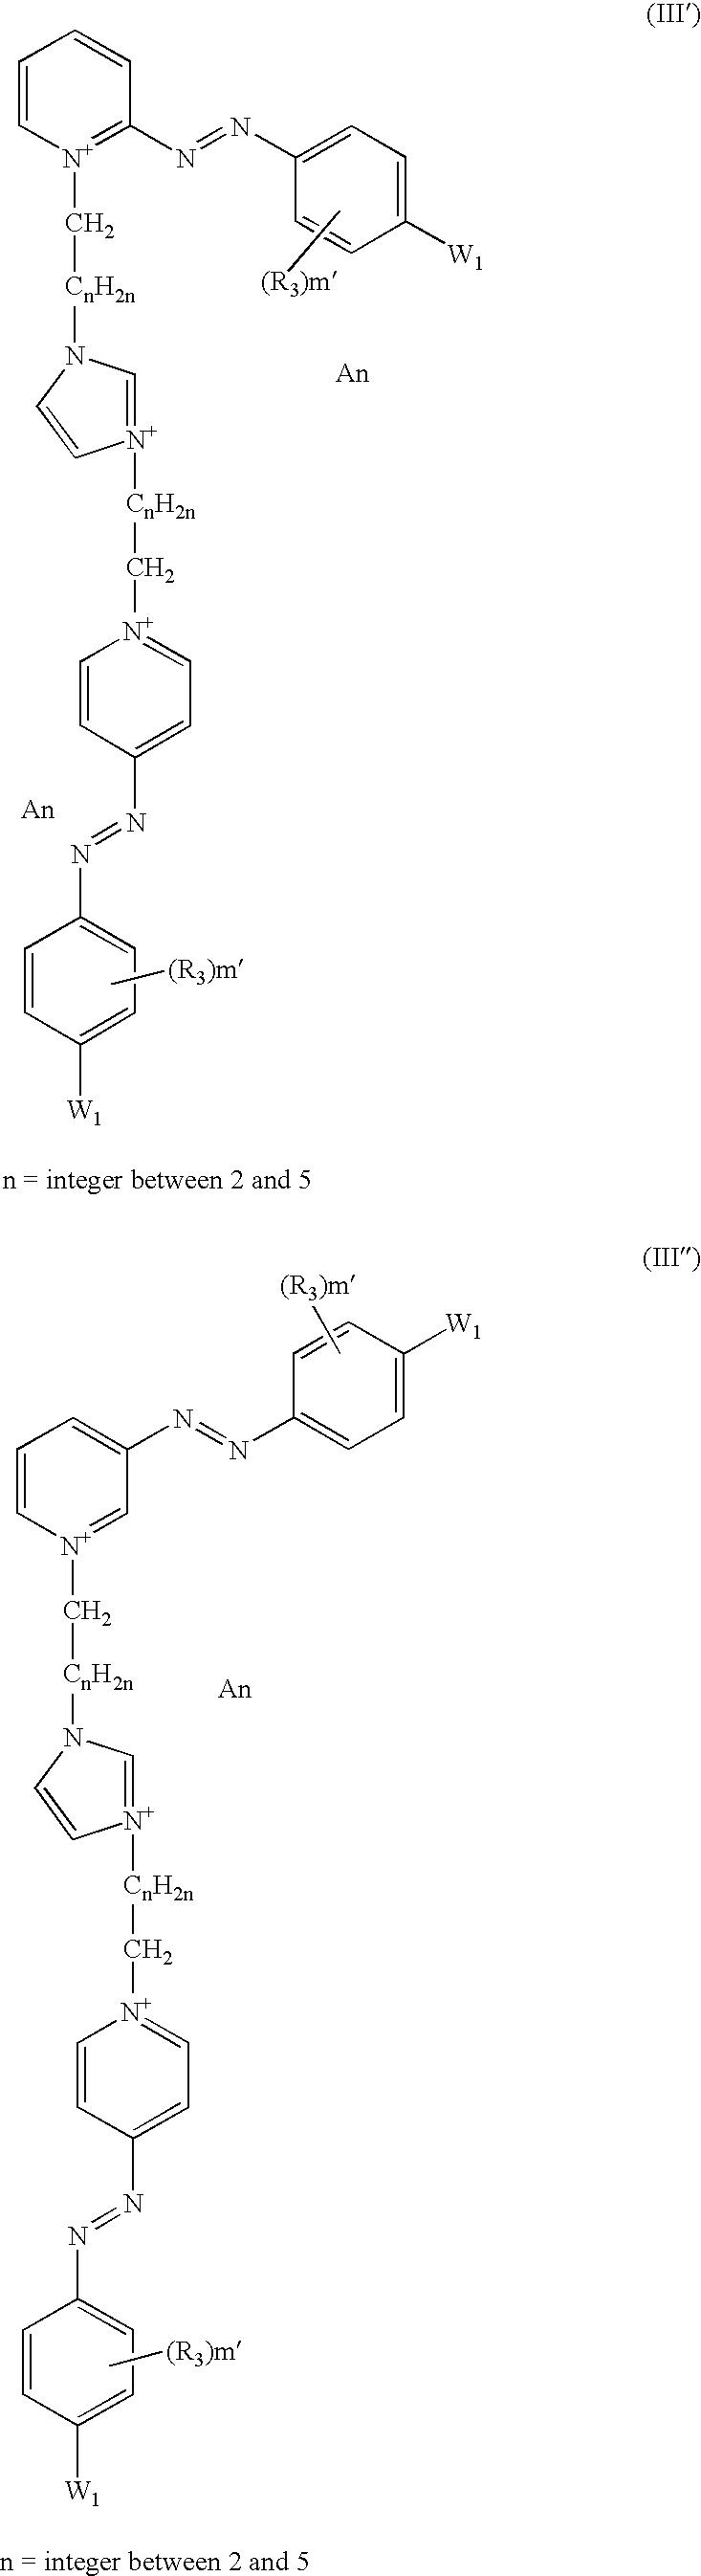 Figure US07288639-20071030-C00011